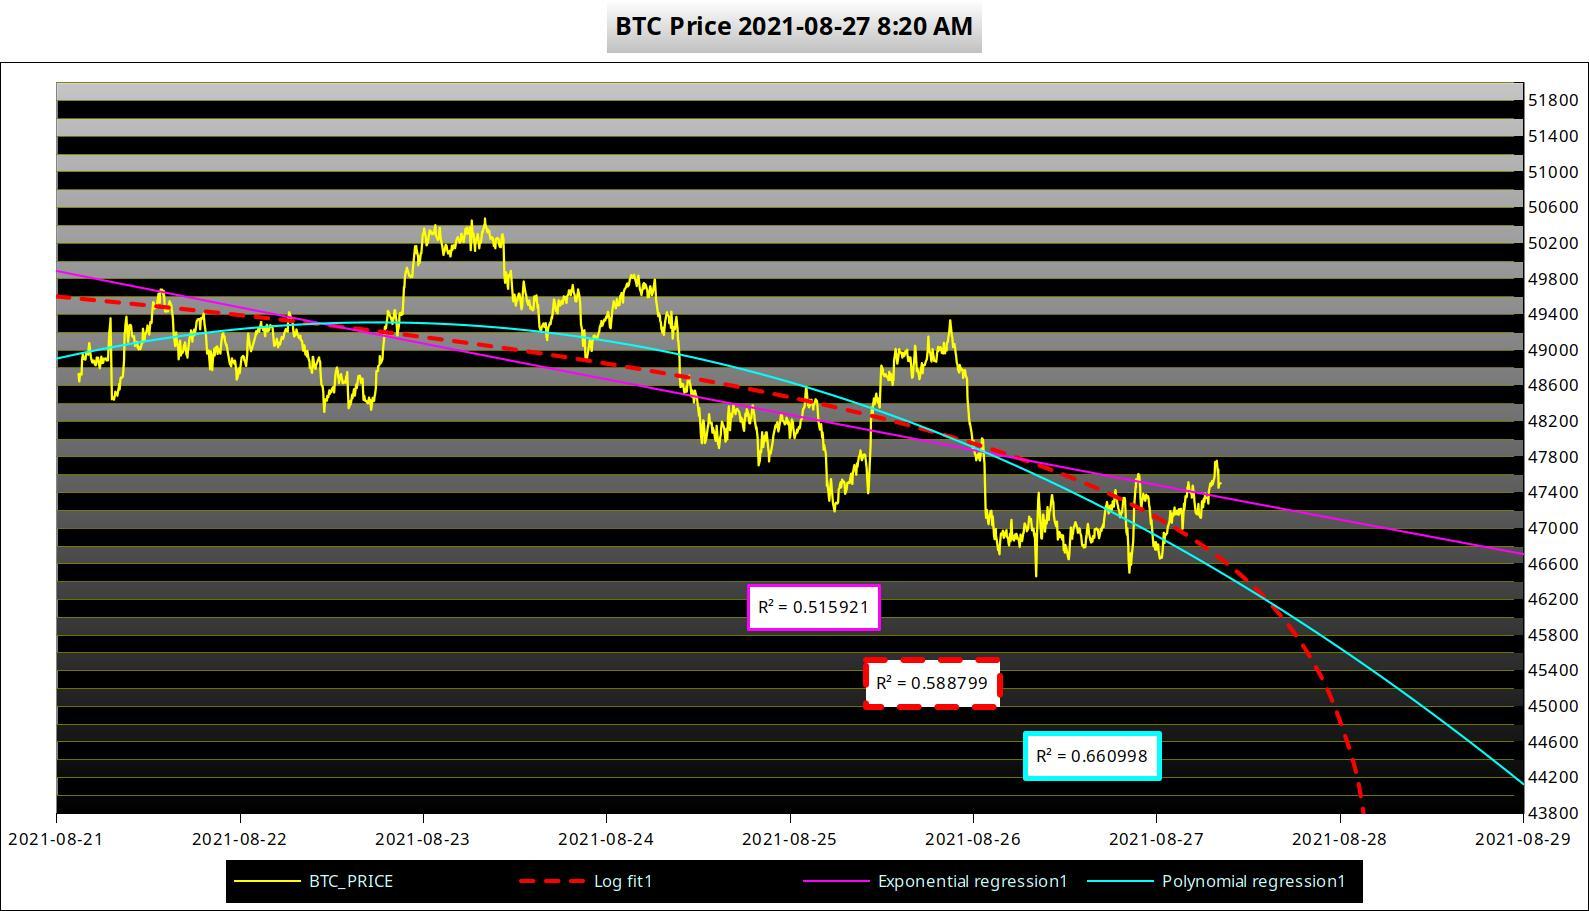 chart-WEEK-20210827.jpg